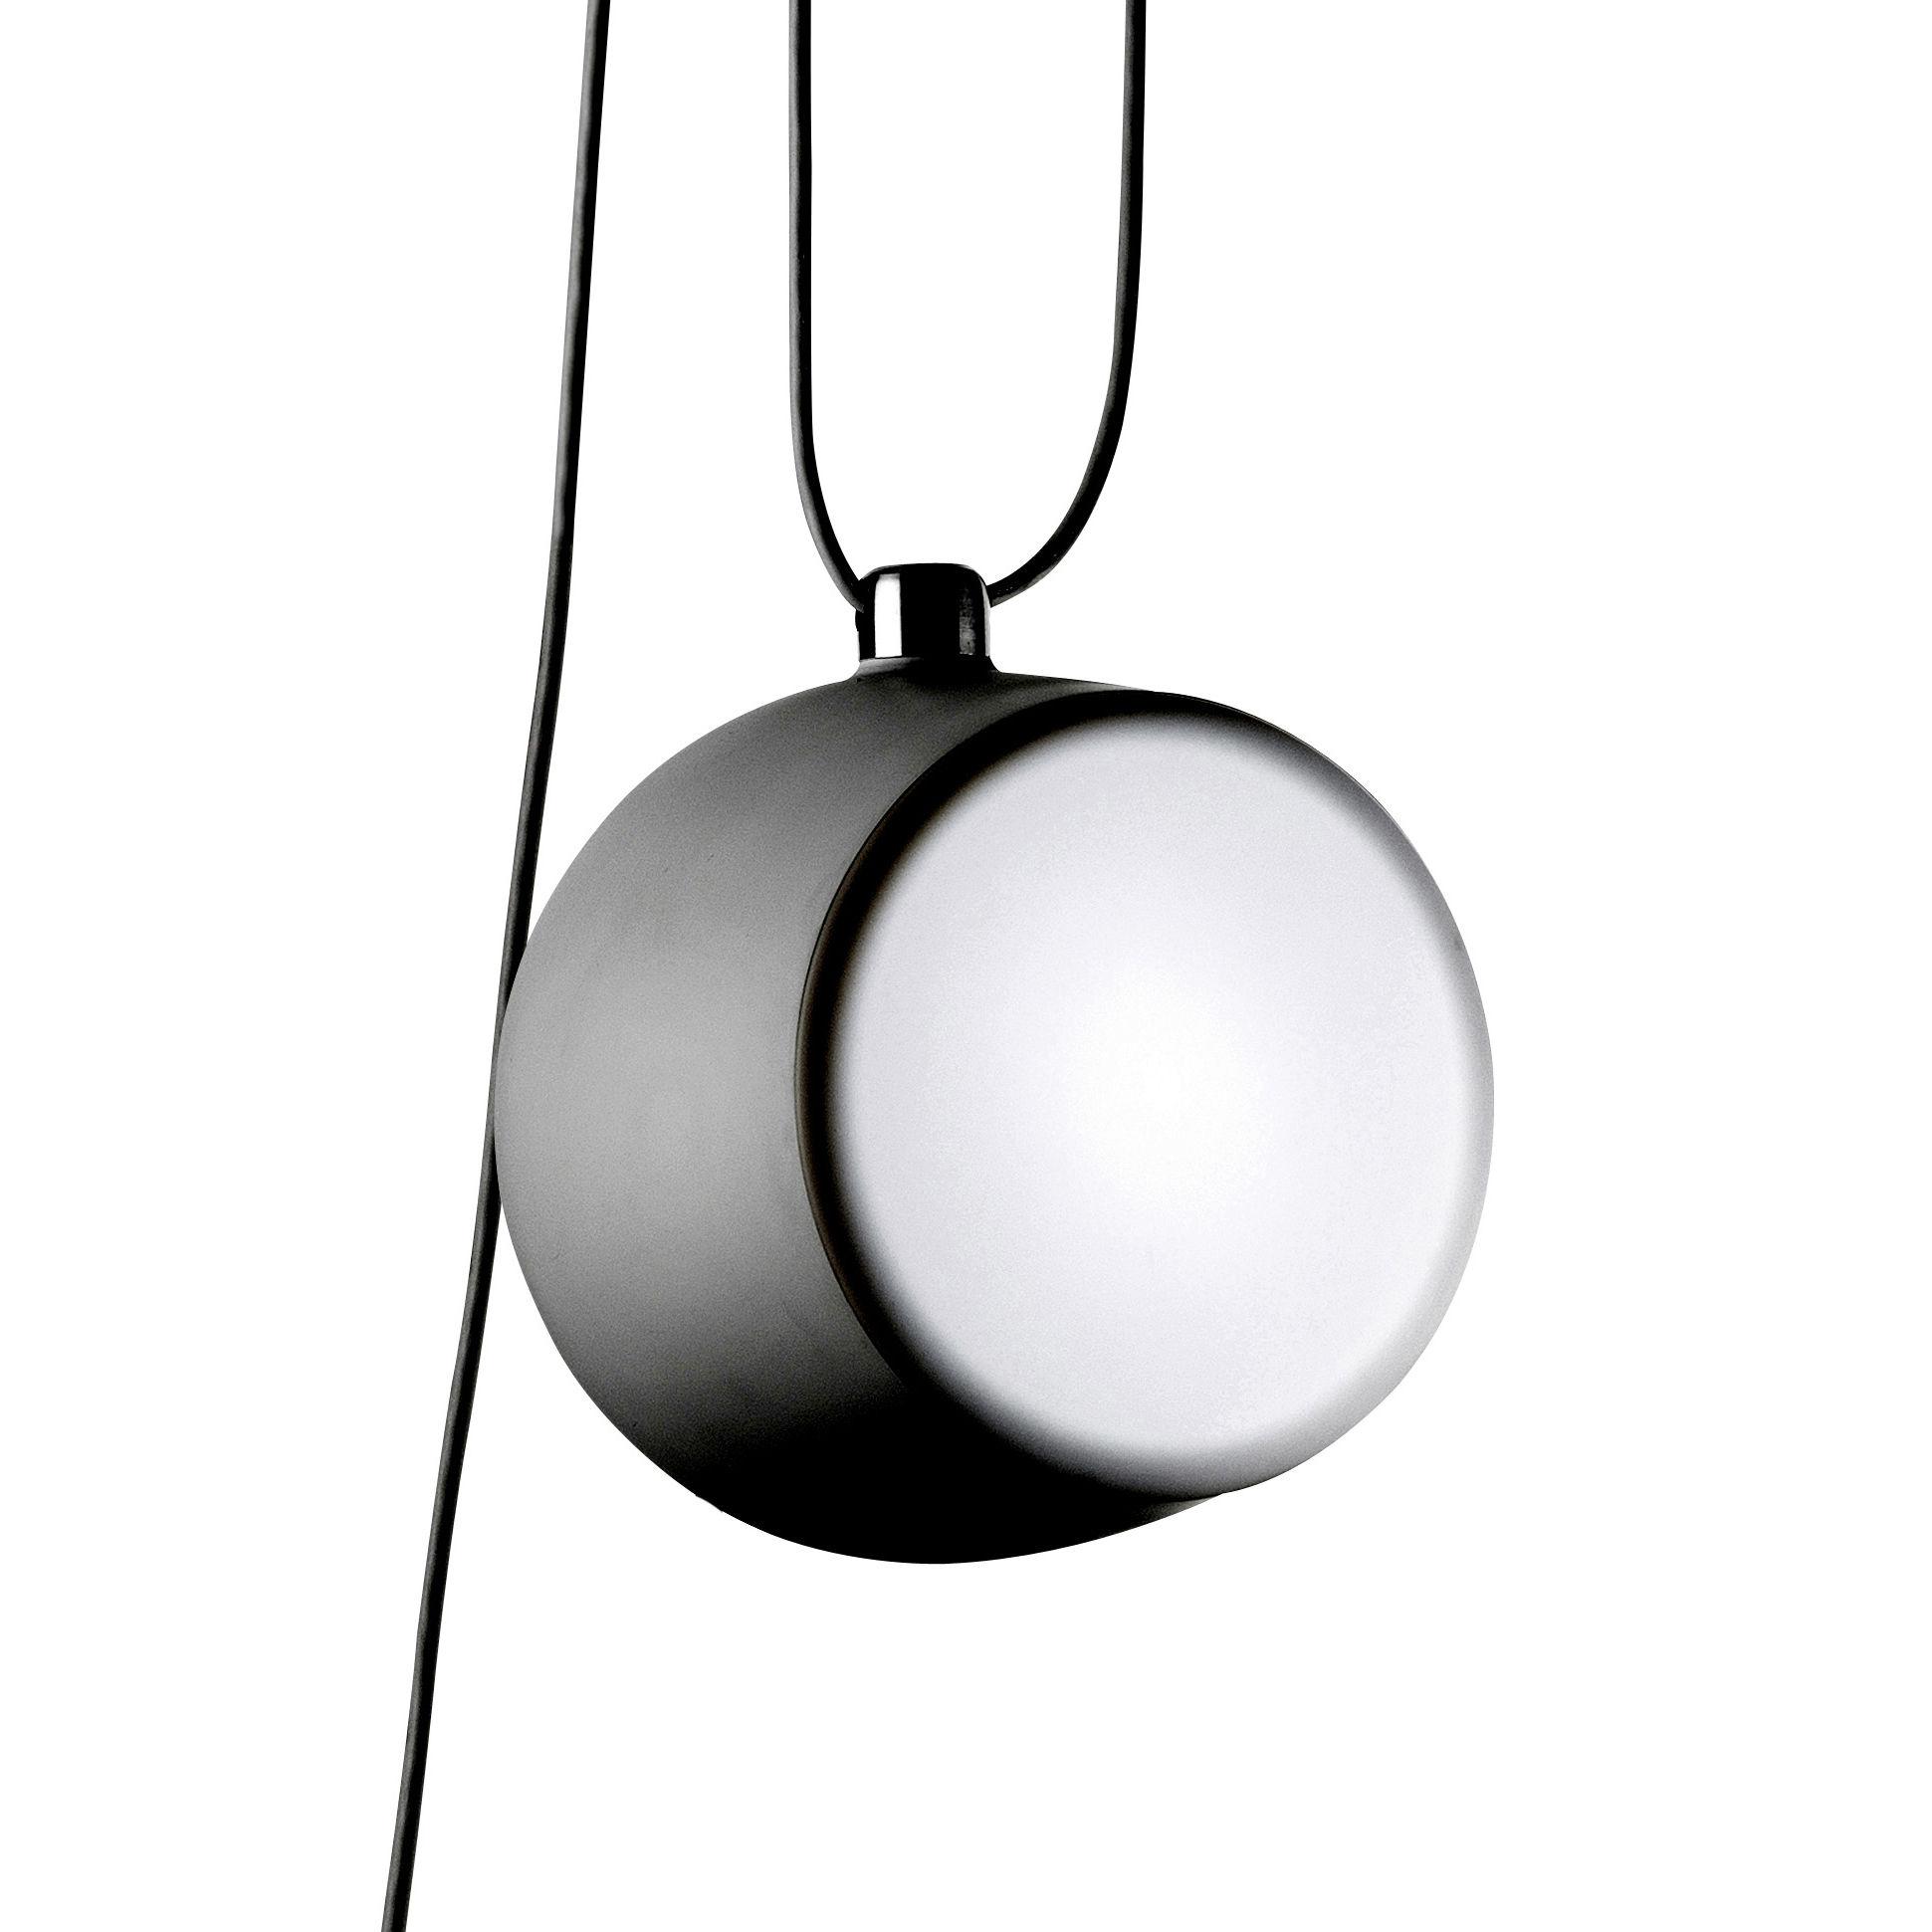 Luminaire - Suspensions - Suspension AIM LED /  Ø 24 cm - Flos - Suspension noire - Aluminium peint, Polycarbonate